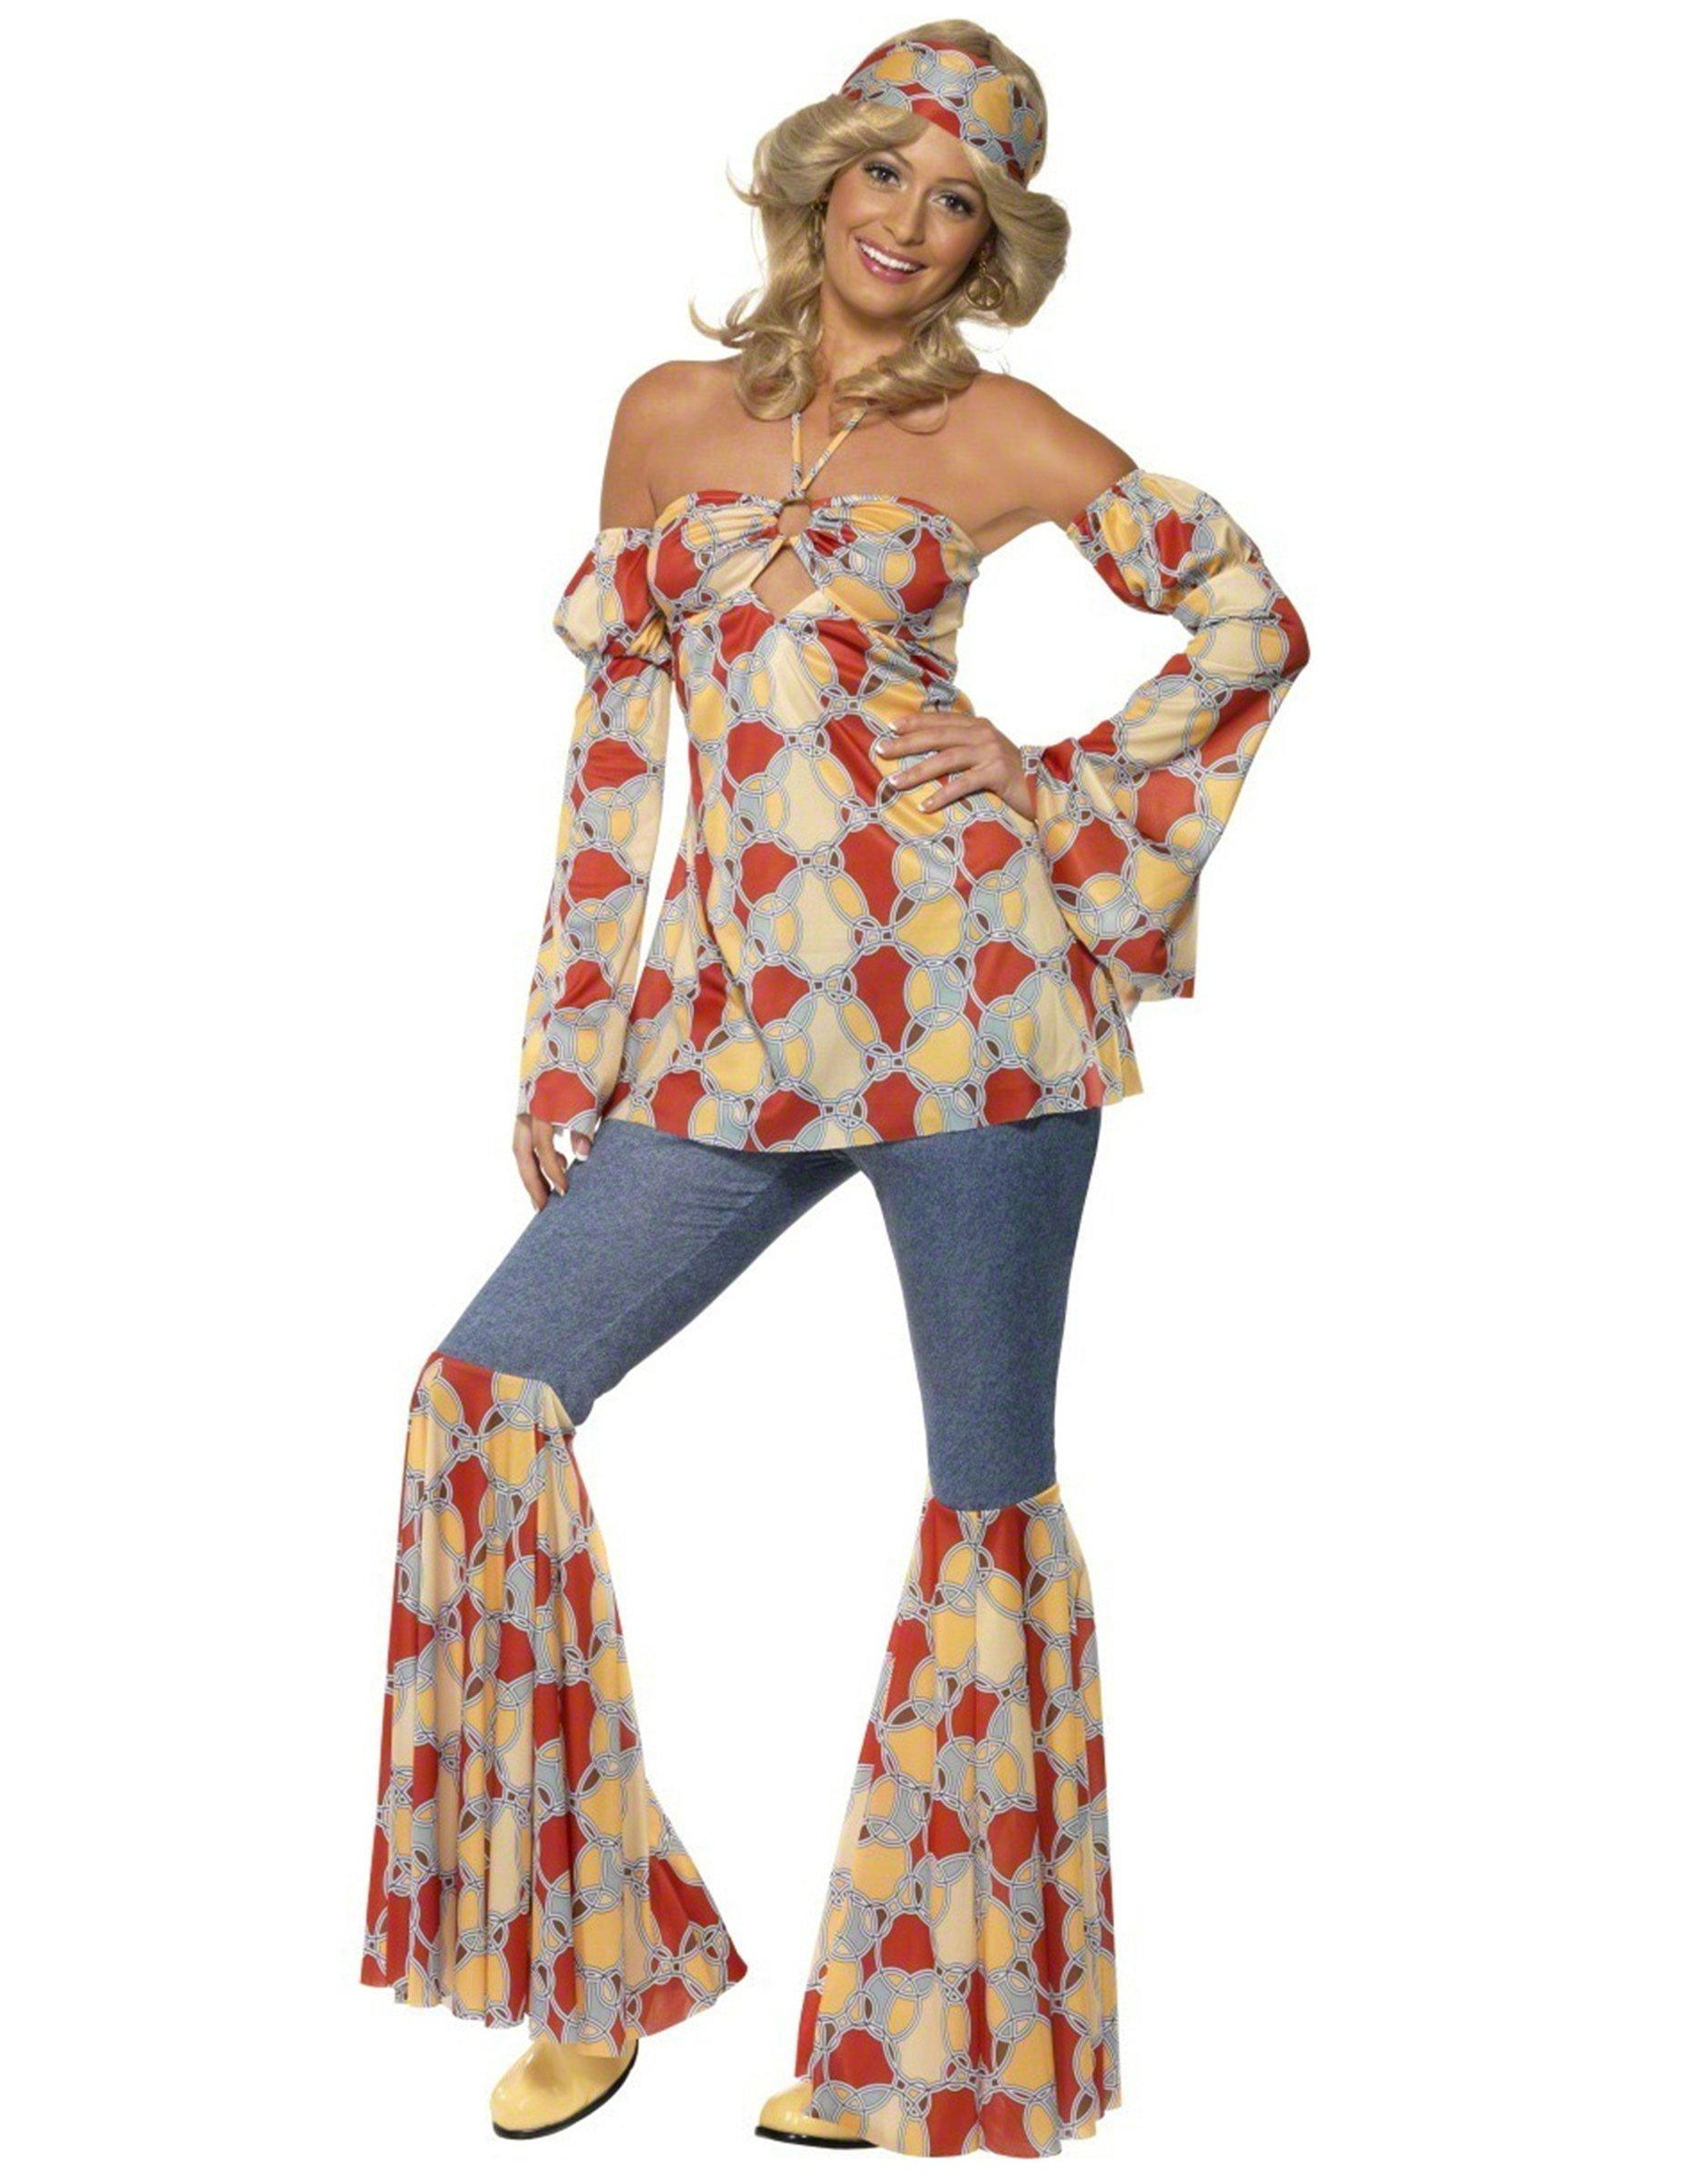 così economico online in vendita offrire Costume disco anni 70 donna